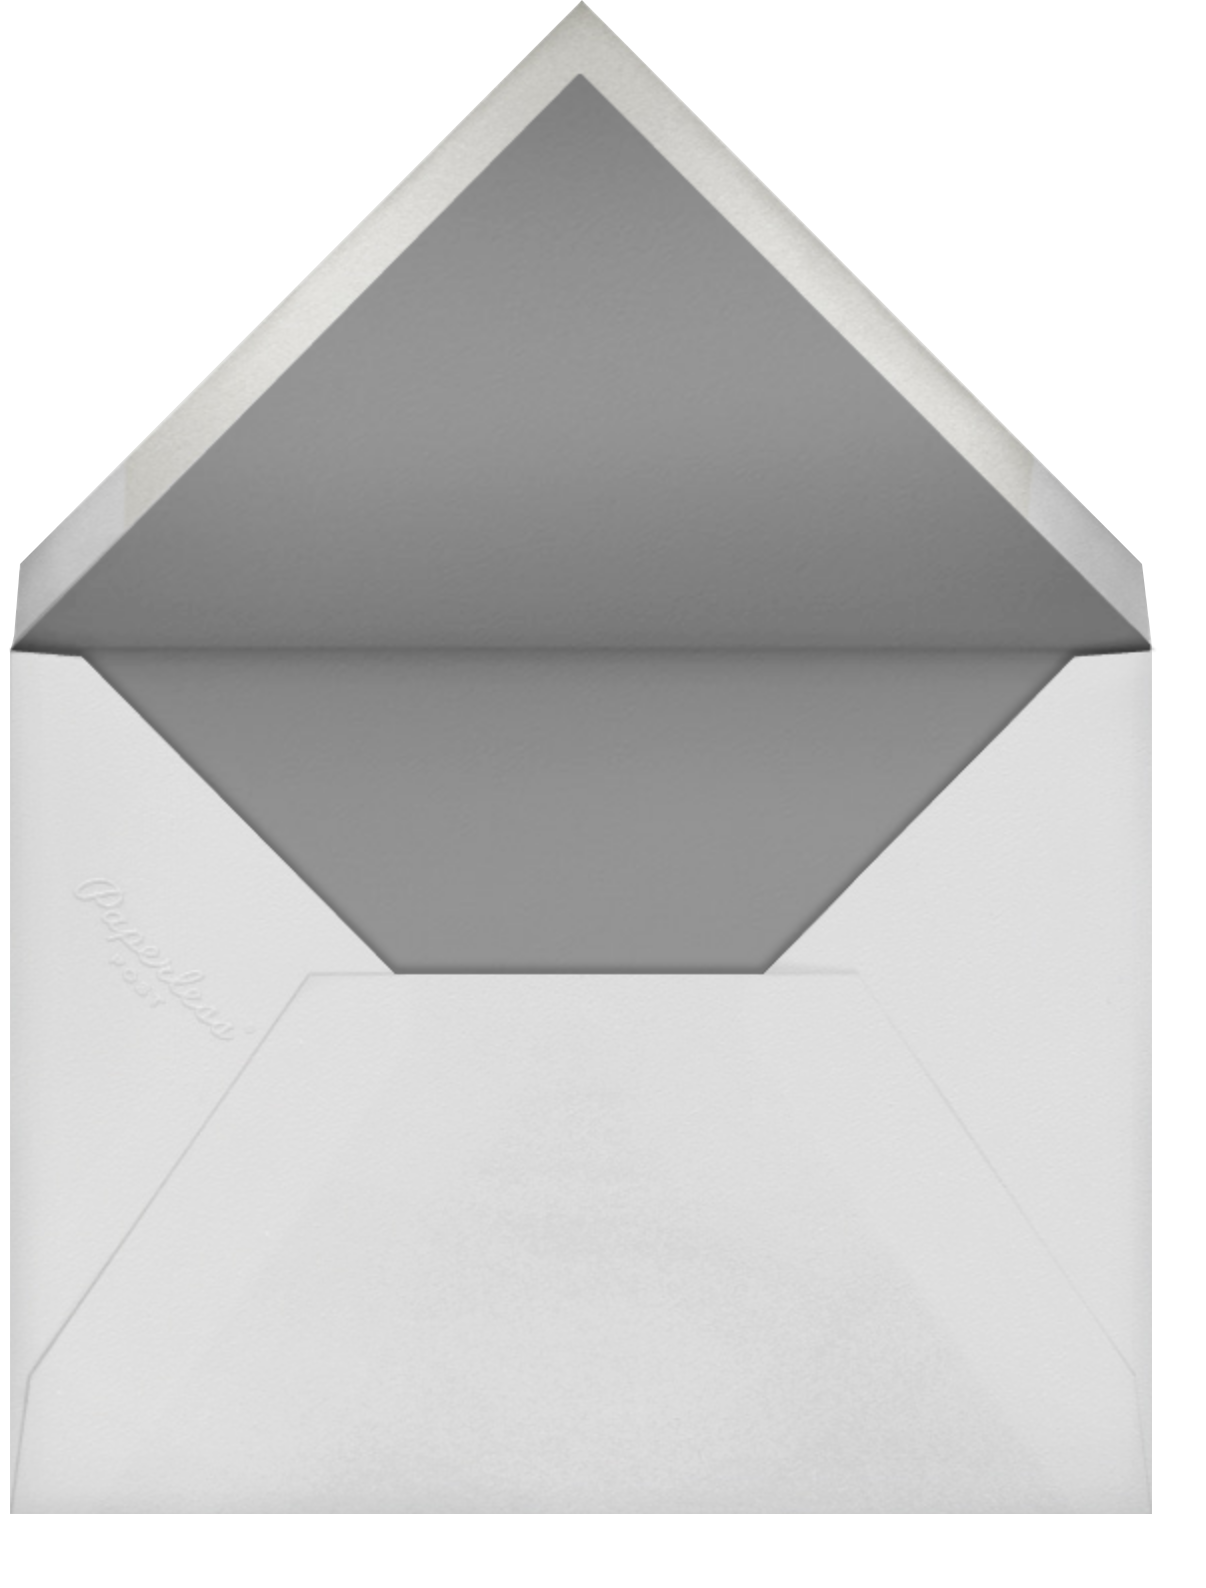 Custom Foil (Horizontal) - Gold - Paperless Post - Adult birthday - envelope back